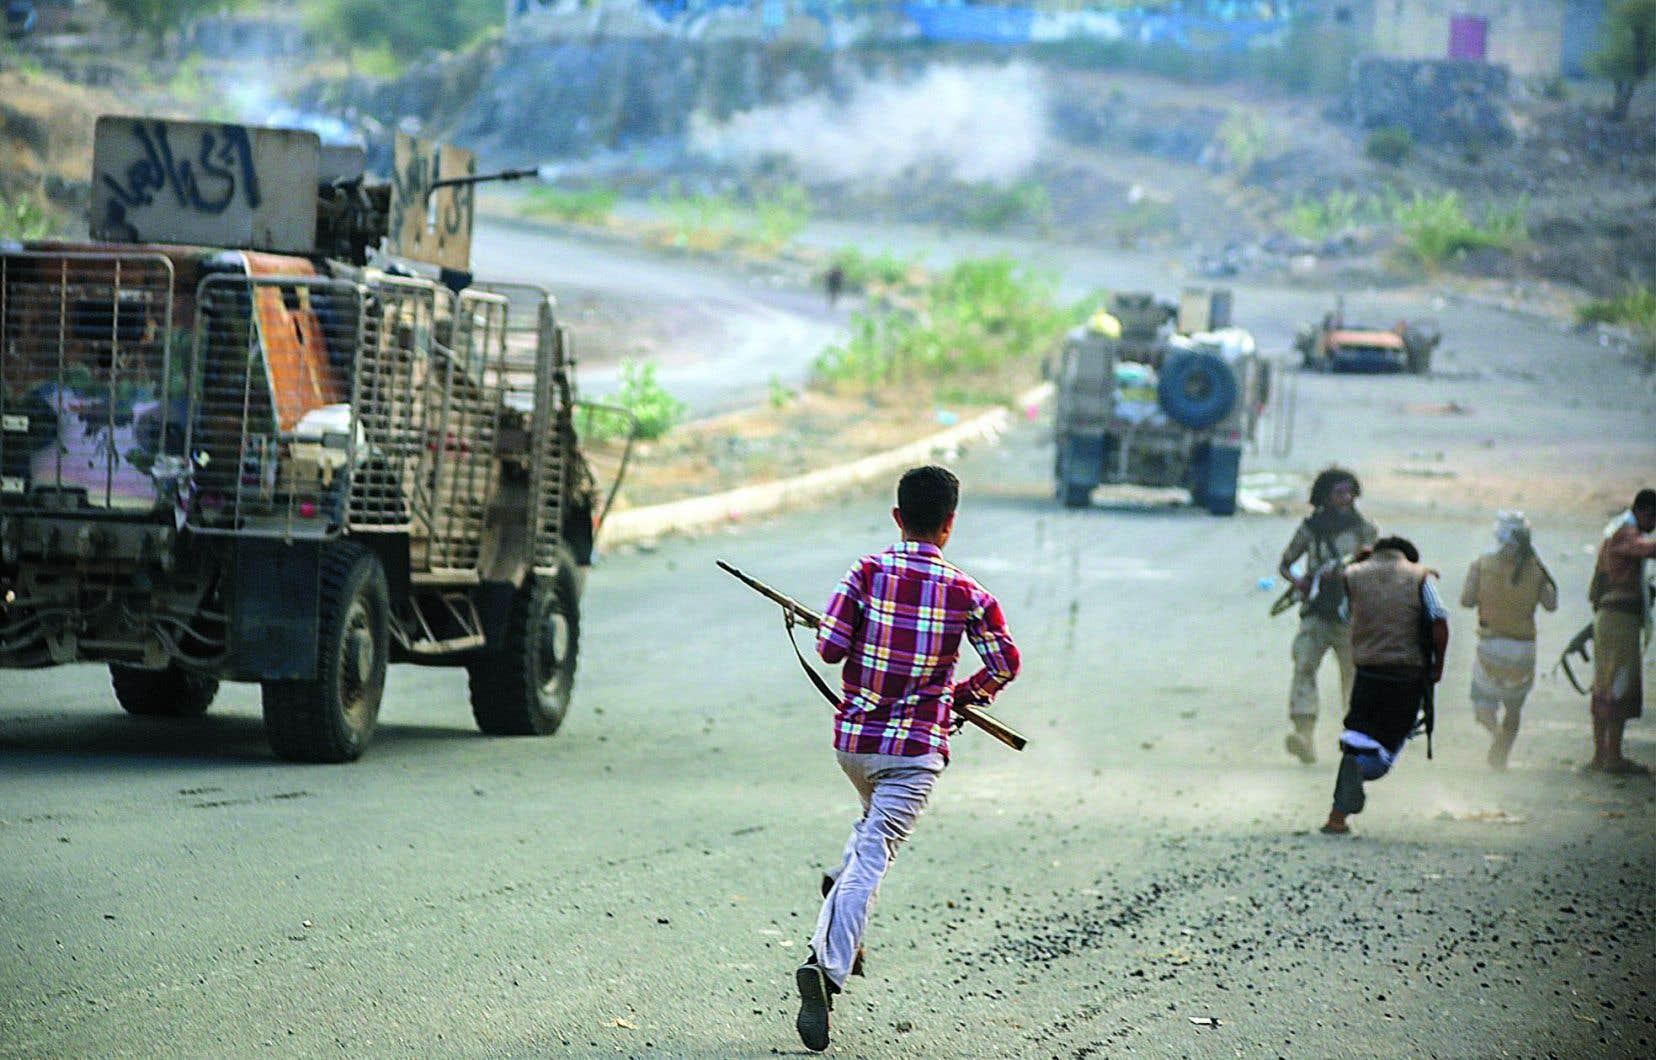 Des combattants proches du régime au pouvoir, soutenu par l'Arabie saoudite, affrontent des rebelles houthis.